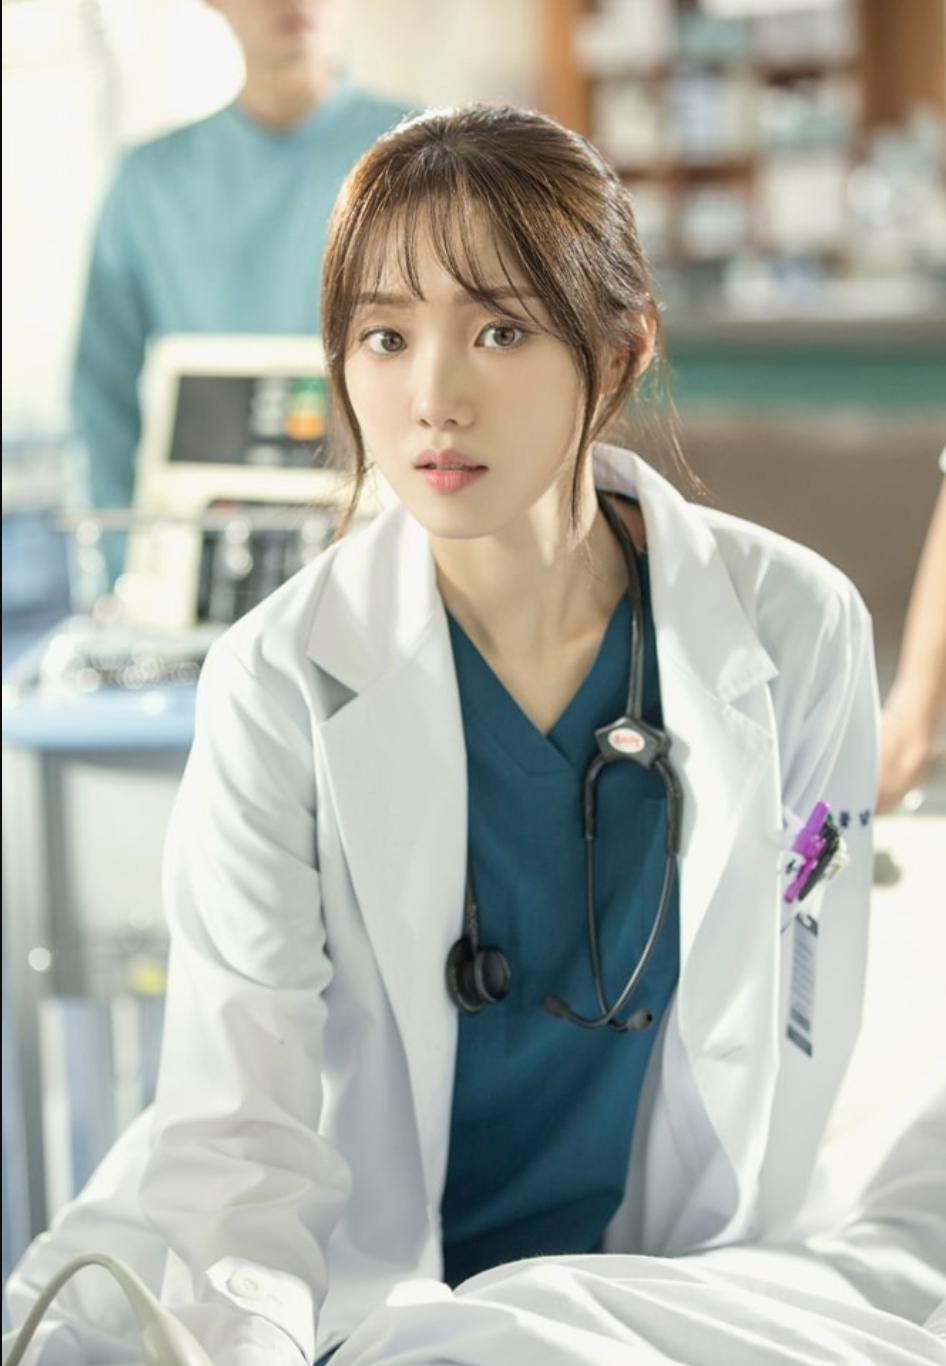 Chuyện tình bác sĩ - Doctors (2016)